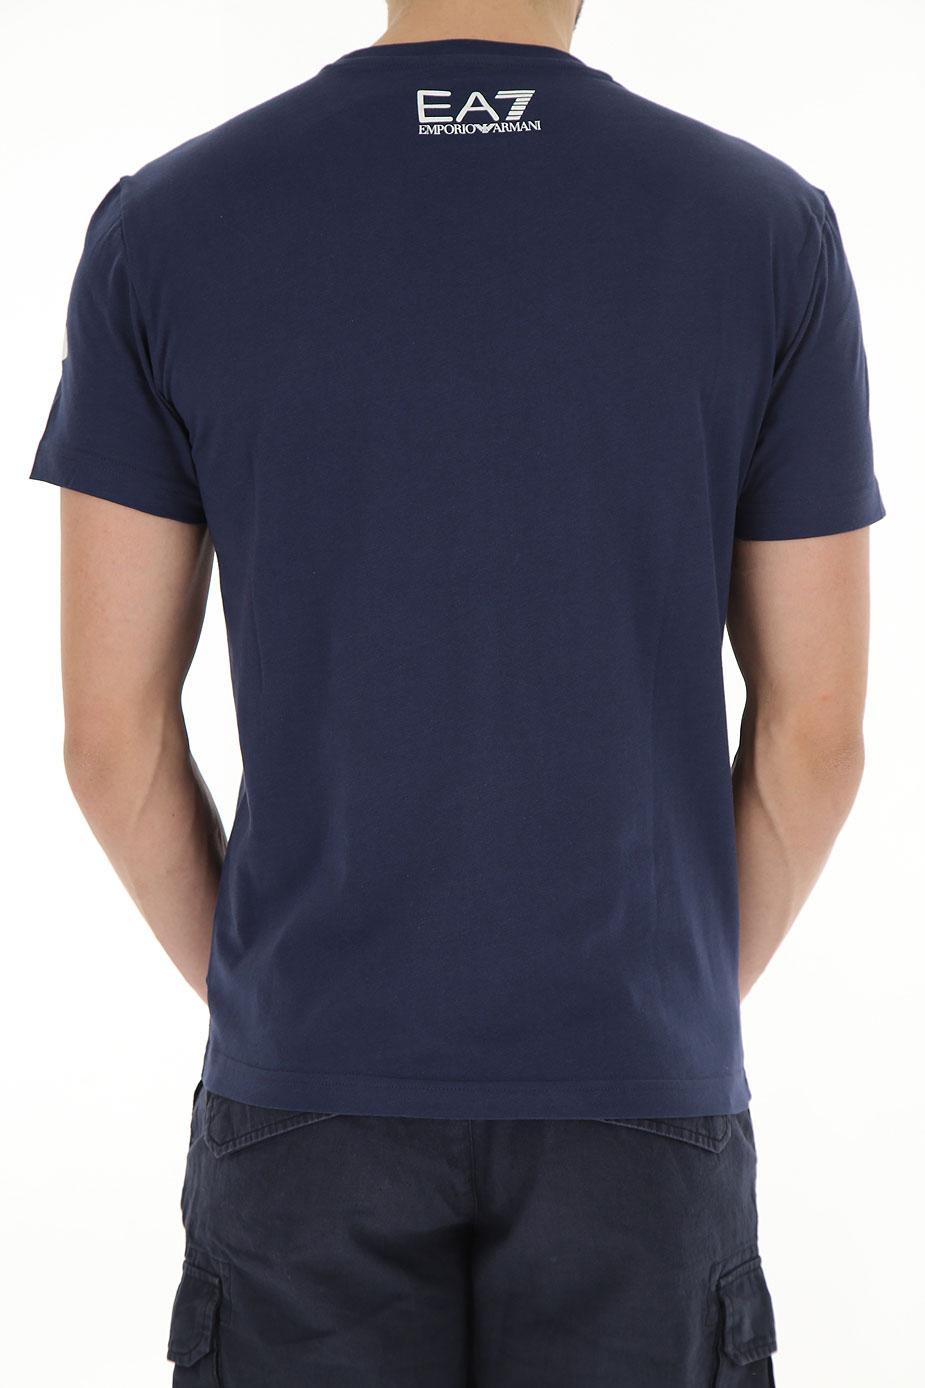 Abbigliamento Uomo Emporio Armani, Codice Articolo: 3zpt39-pj30z-1554